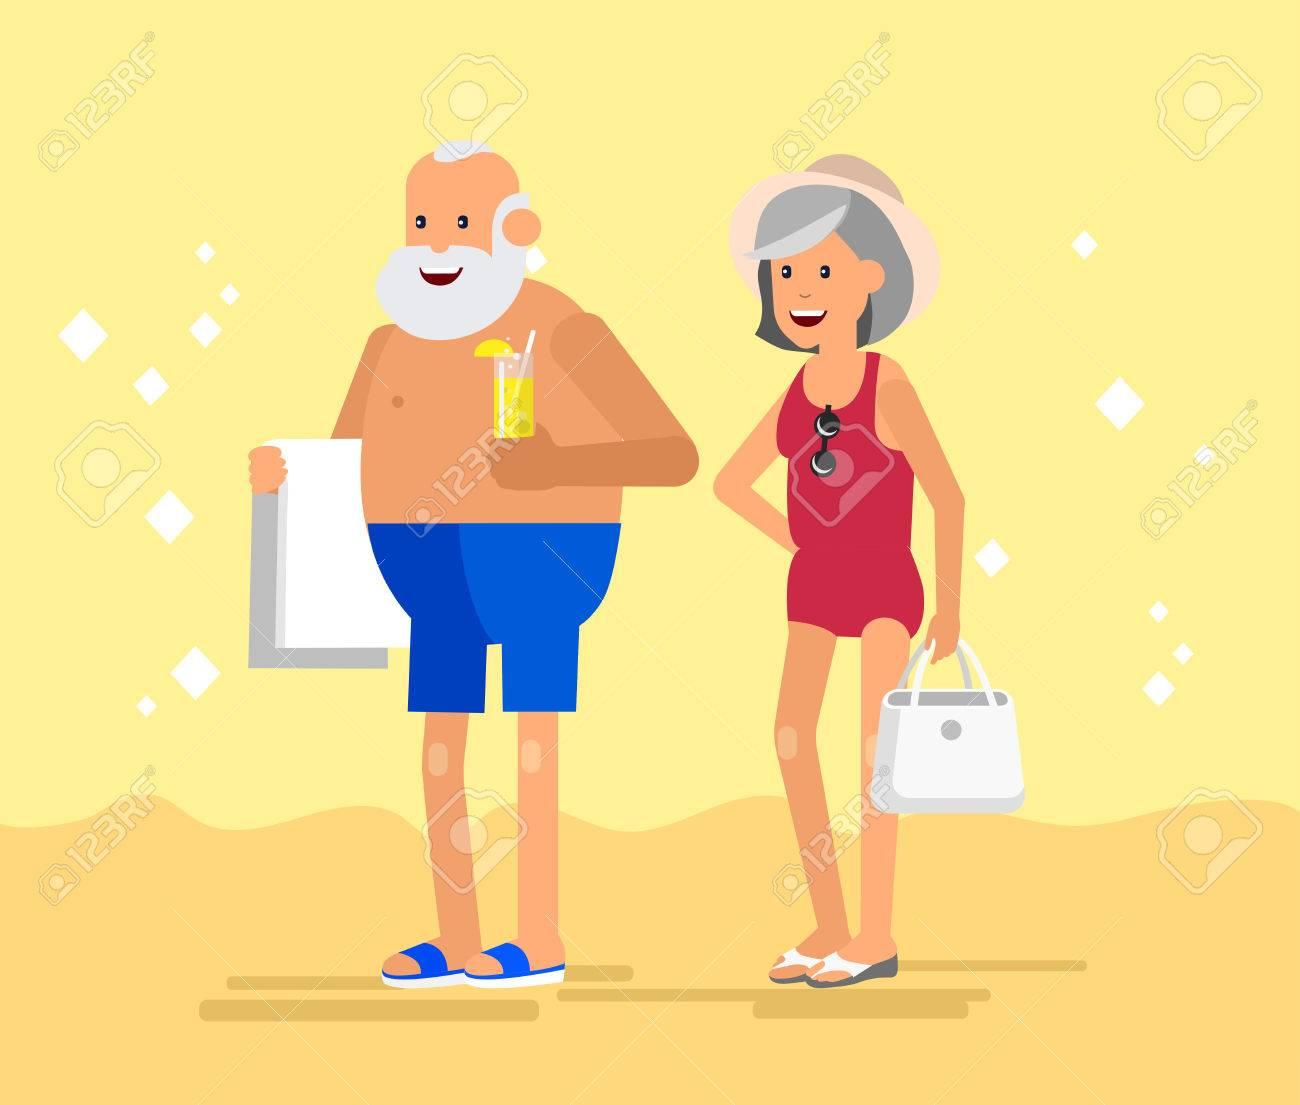 ca65bf1f8dbe Coppia di anziani anziano con le vacanze estive. I vecchi turisti, anziani  in costume da bagno andare sulla spiaggia.